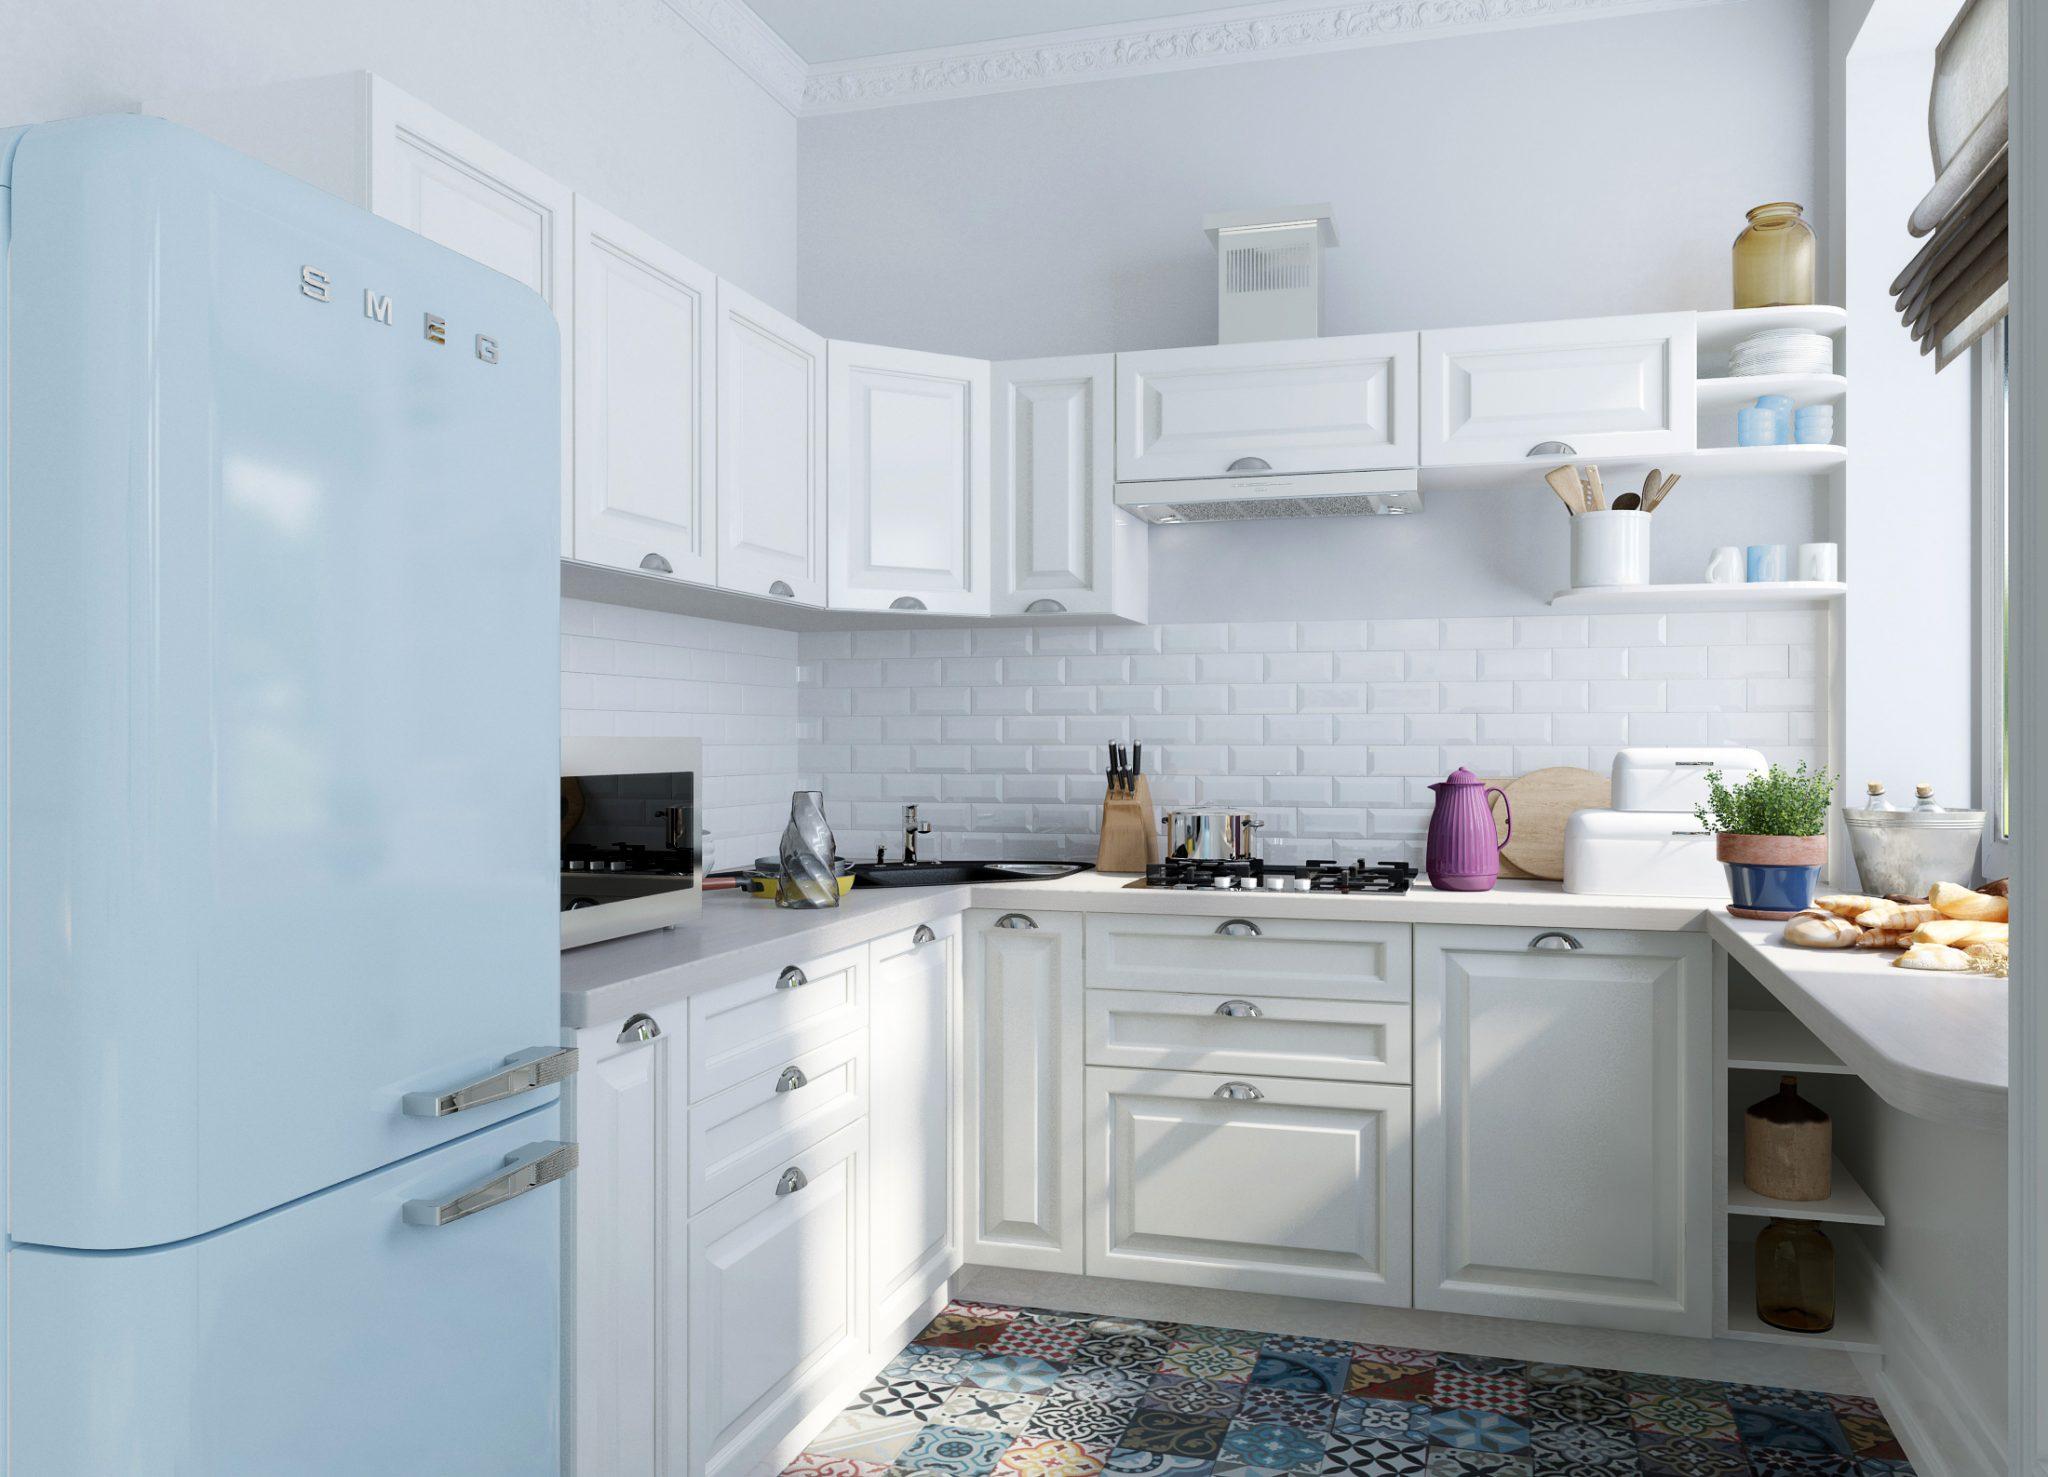 Cocina blanca suelos ceramica hoy lowcost - Cocinas blancas ikea ...